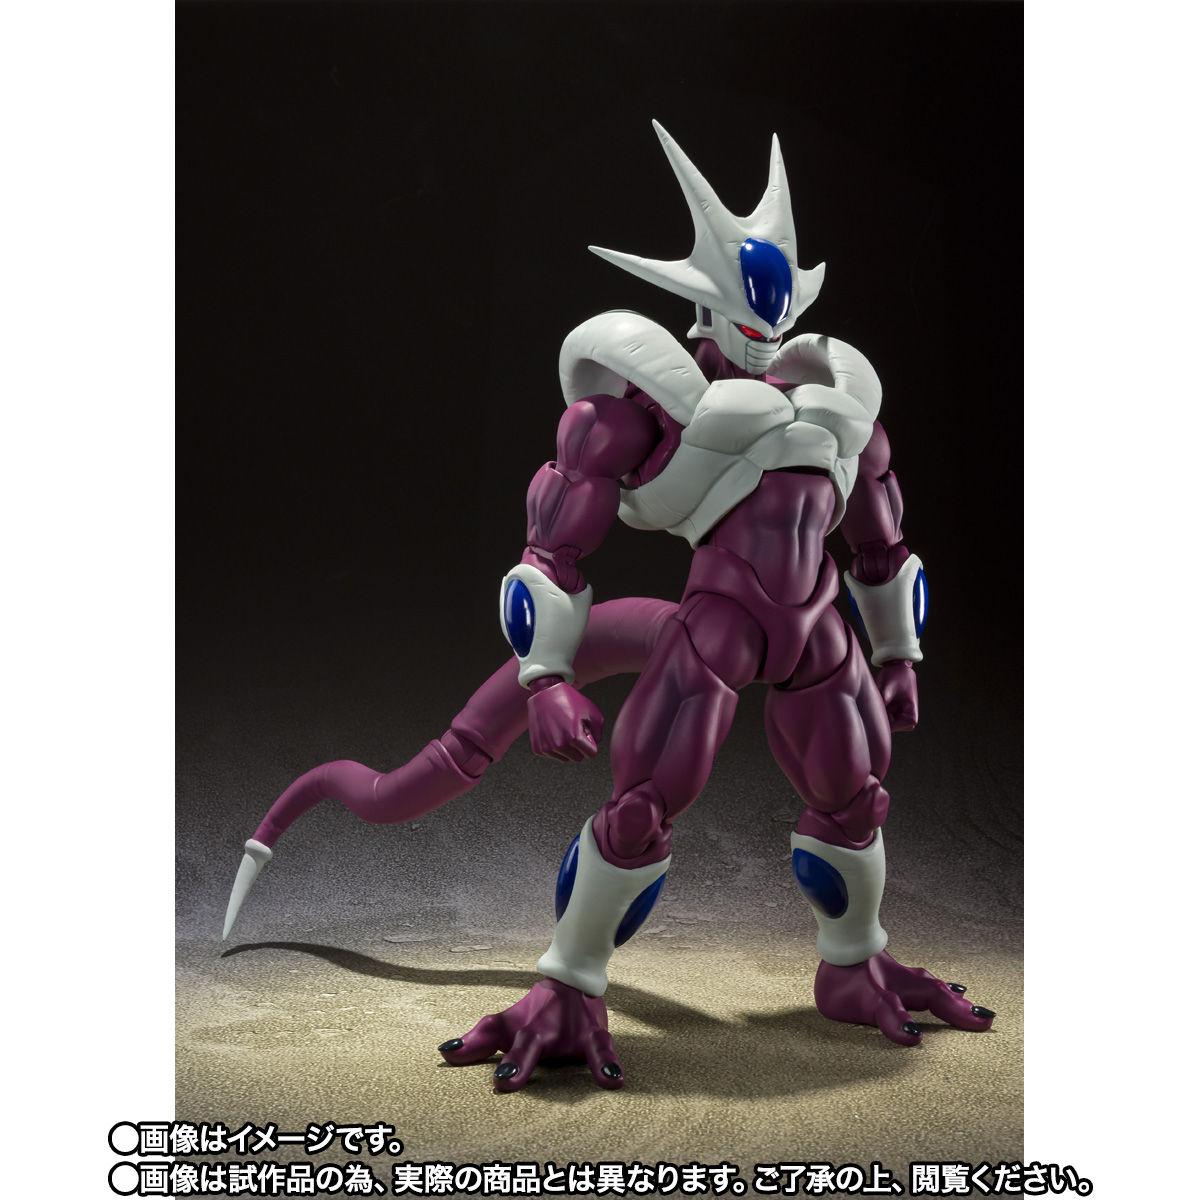 【限定販売】S.H.Figuarts『クウラ 最終形態』ドラゴンボールZ 可動フィギュア-004